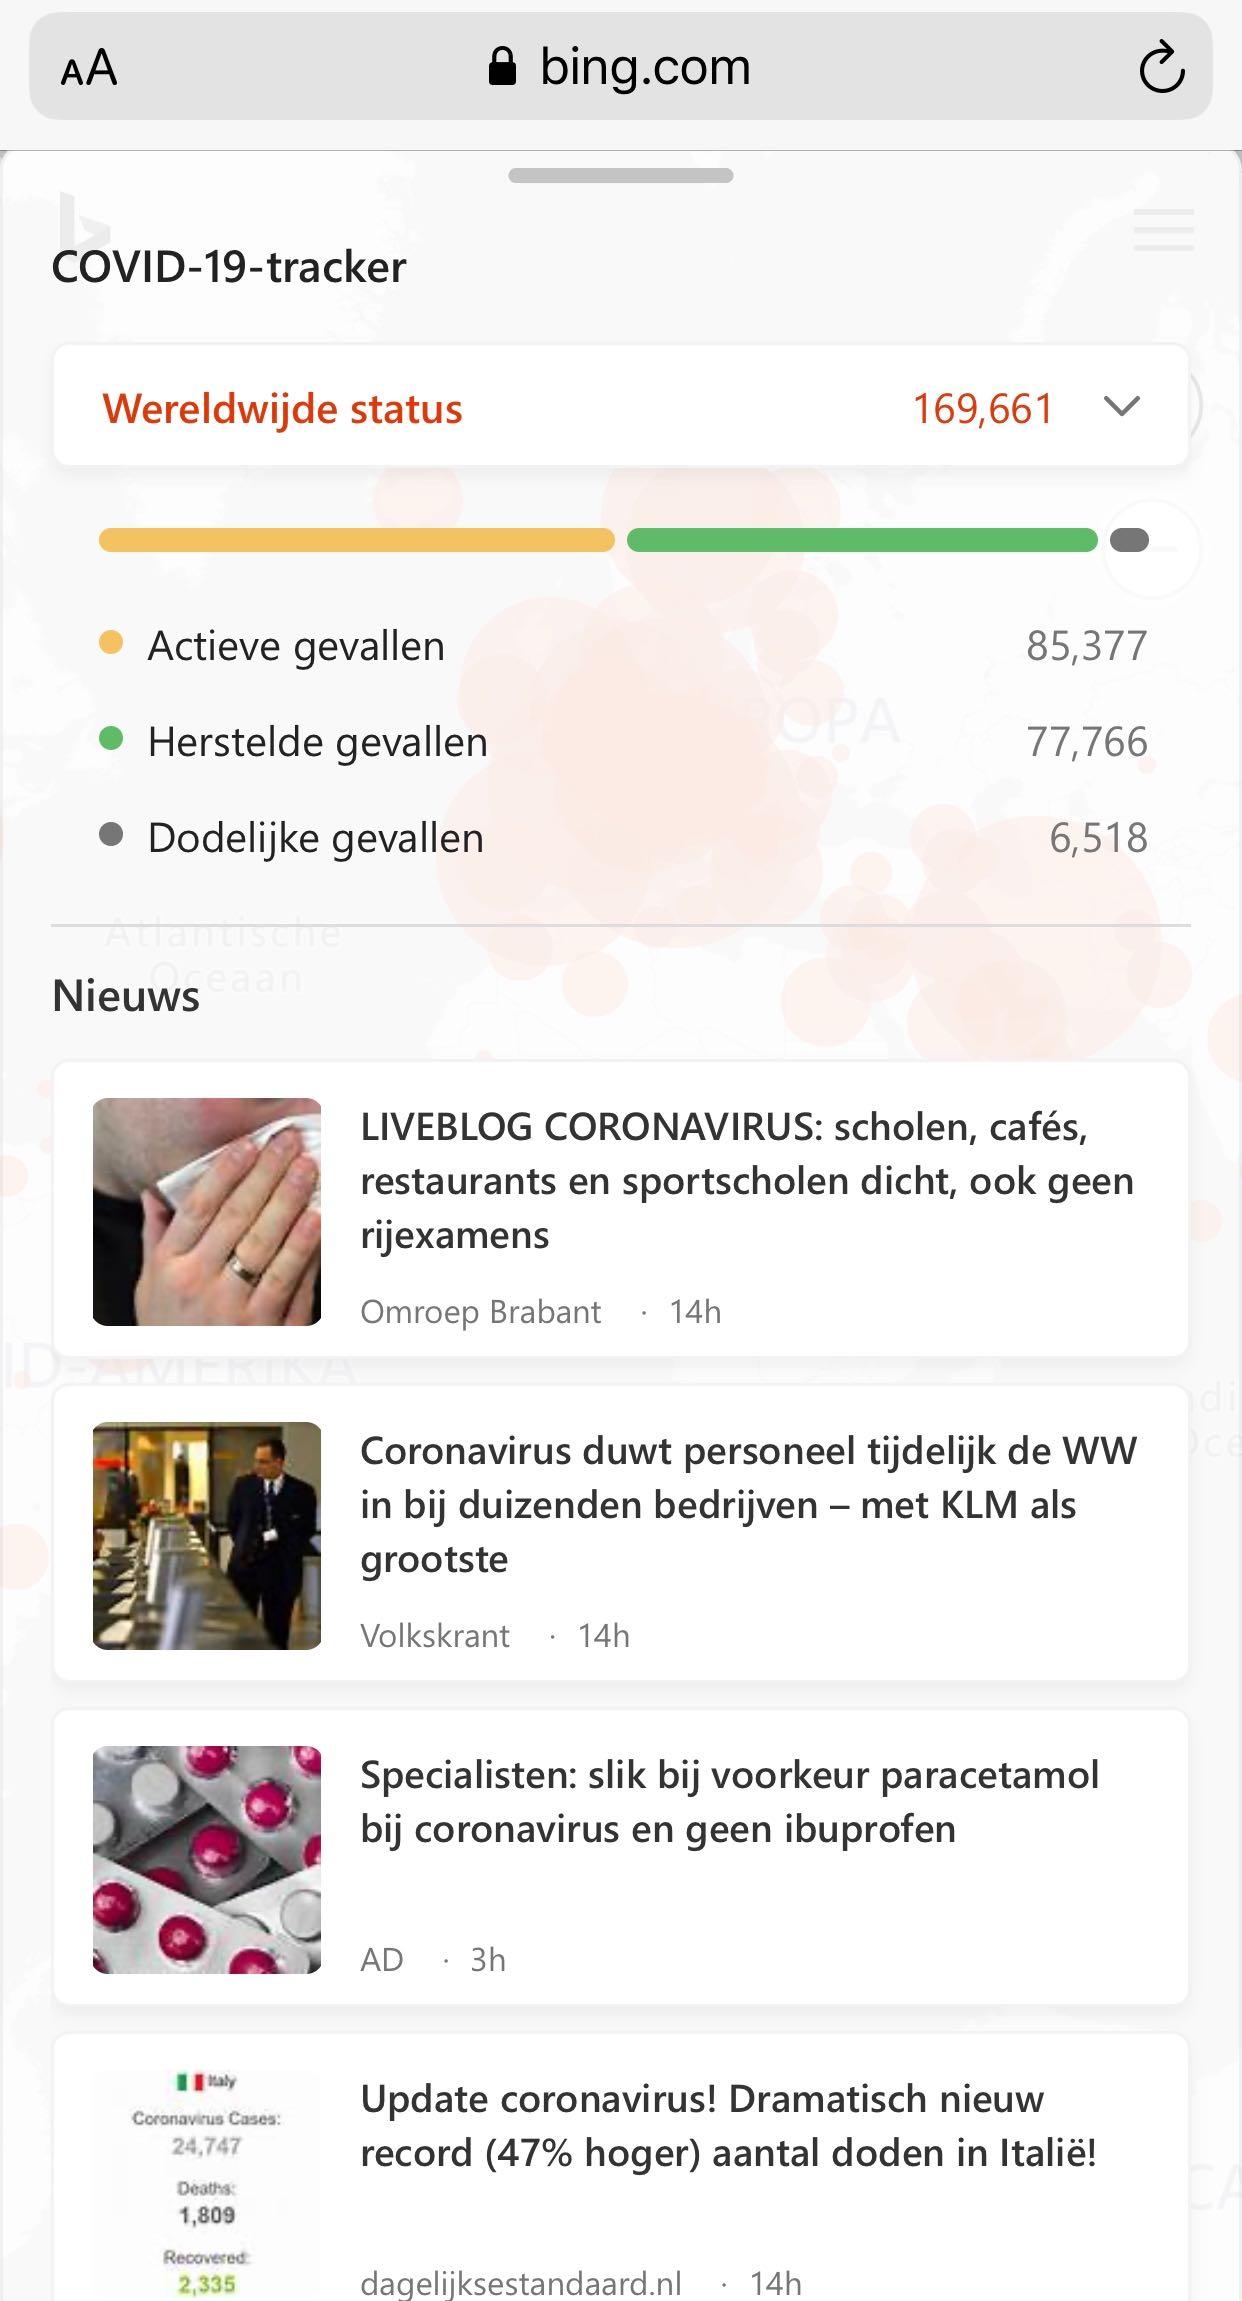 Microsoft Bing dashboard